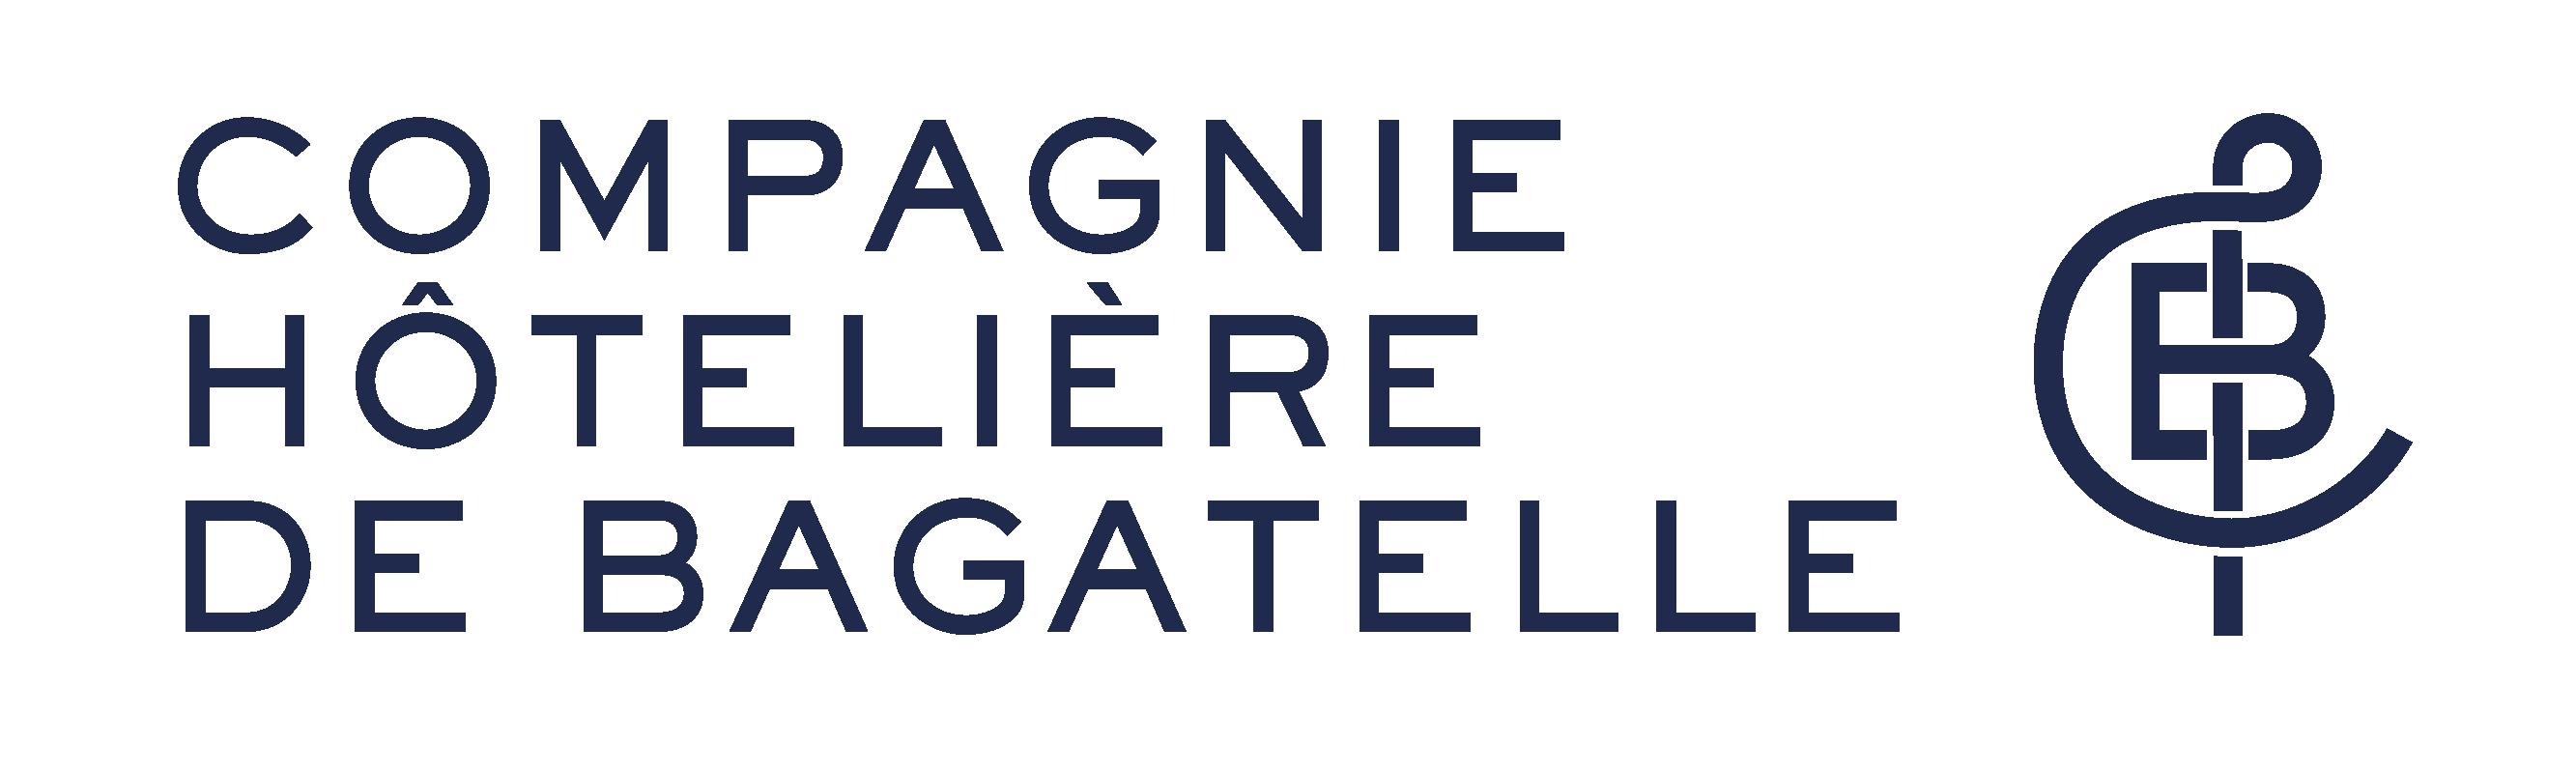 Agence WEBCOM 2020 - Avis Compagnie Hôtelière Bagatelle